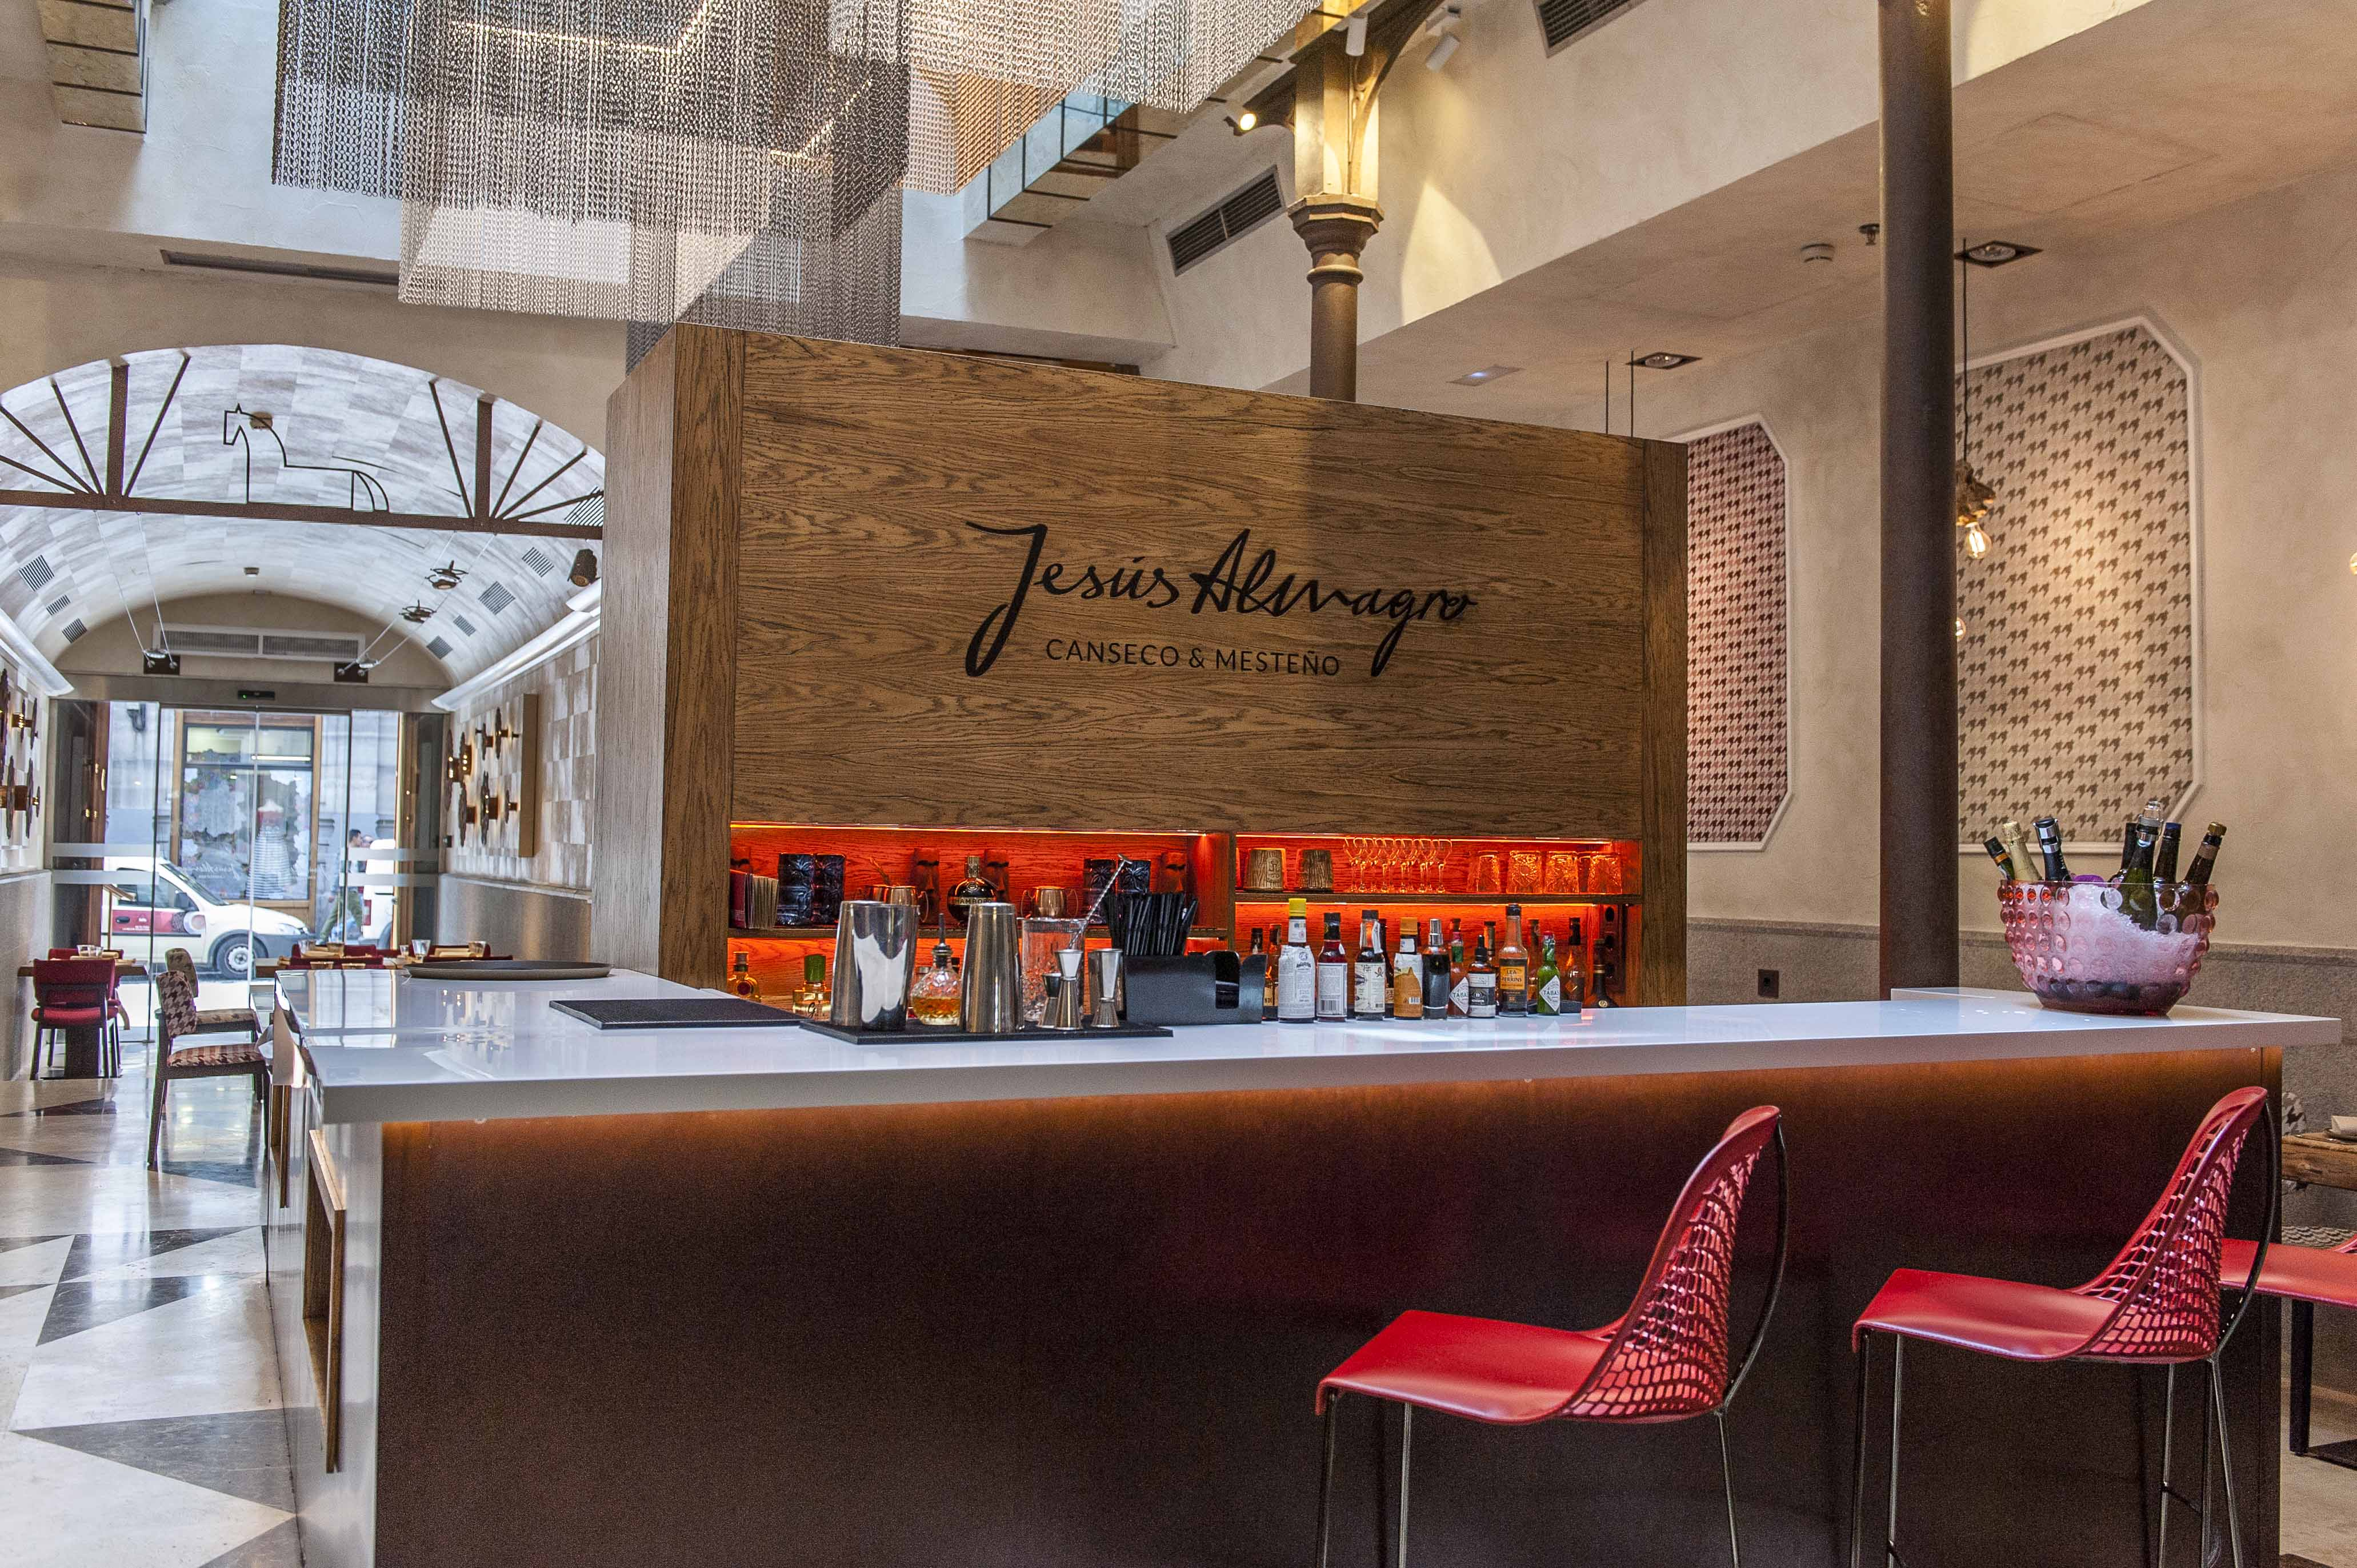 Restaurante Canseco barra Mesteño Madrid